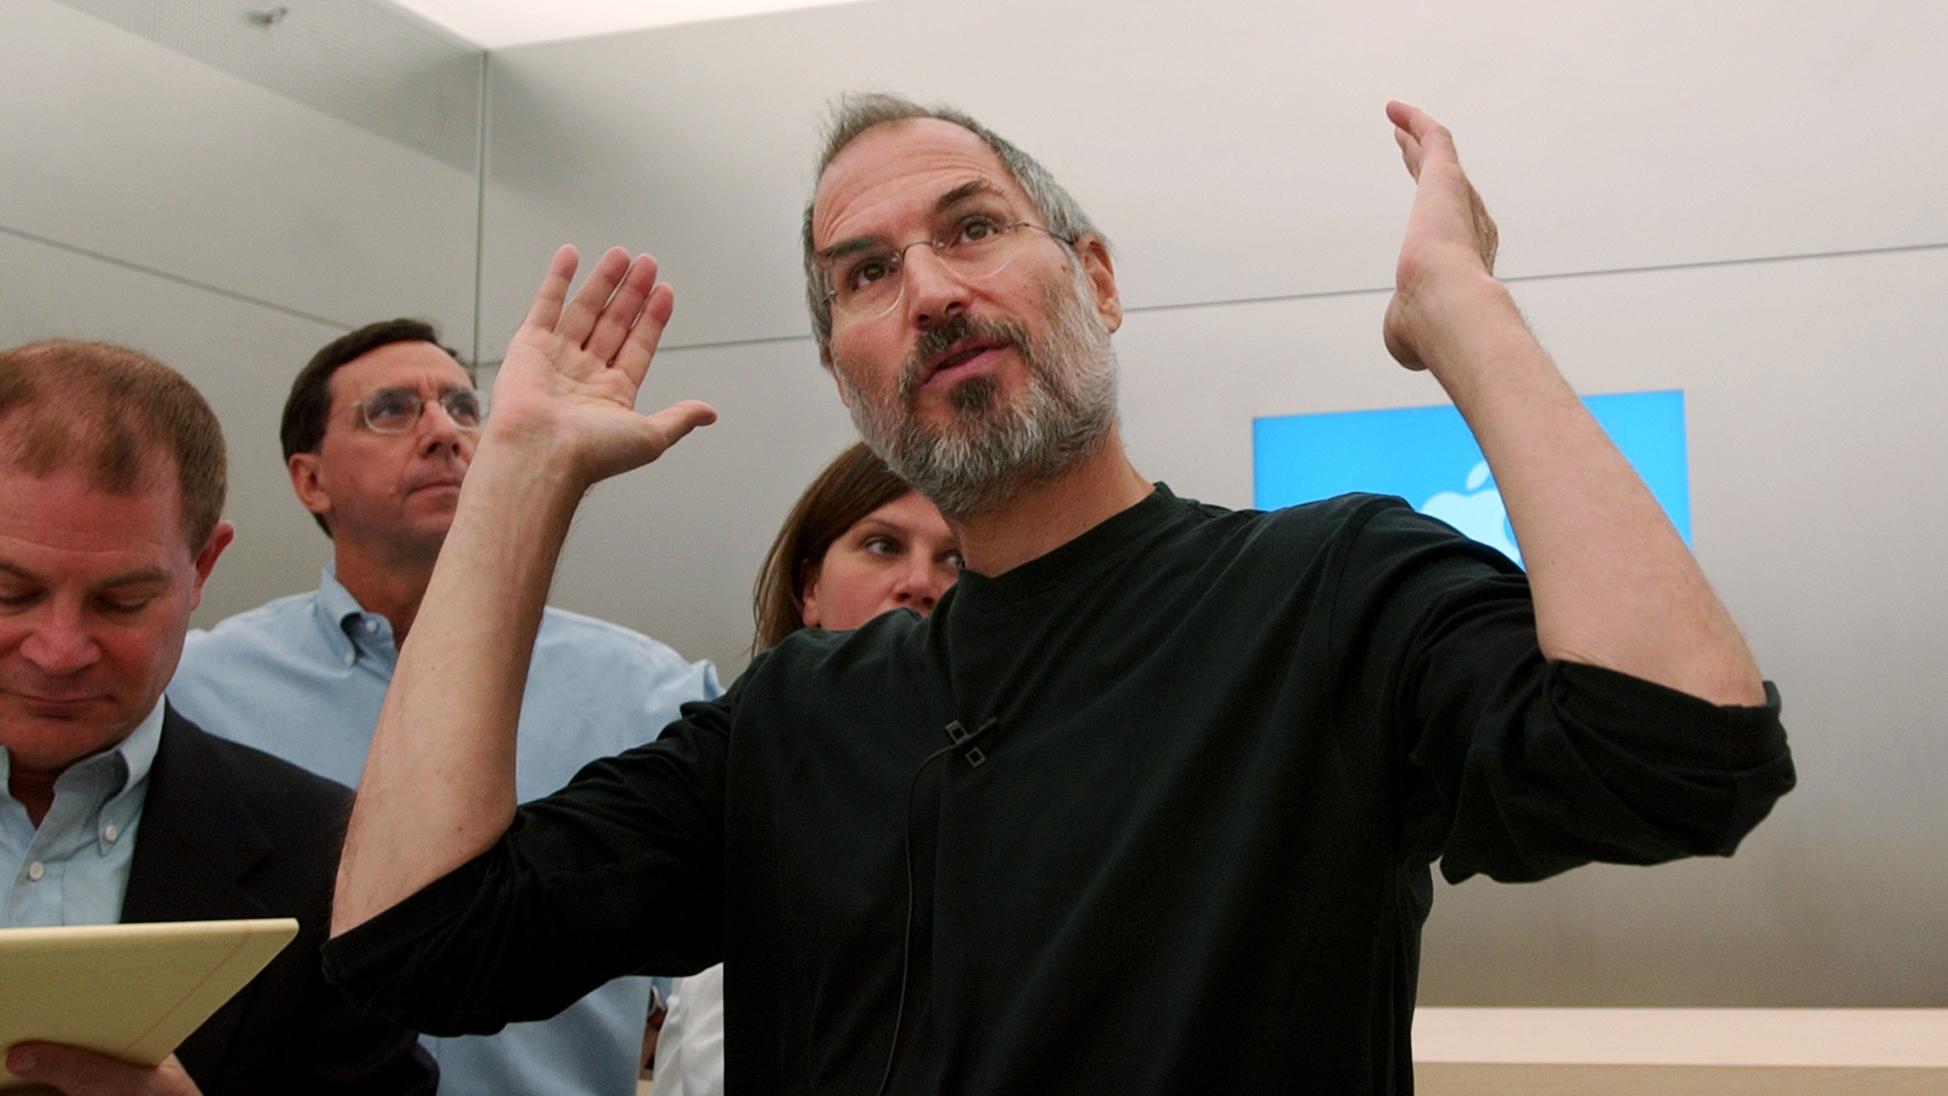 Steve Jobs Apple AAPL